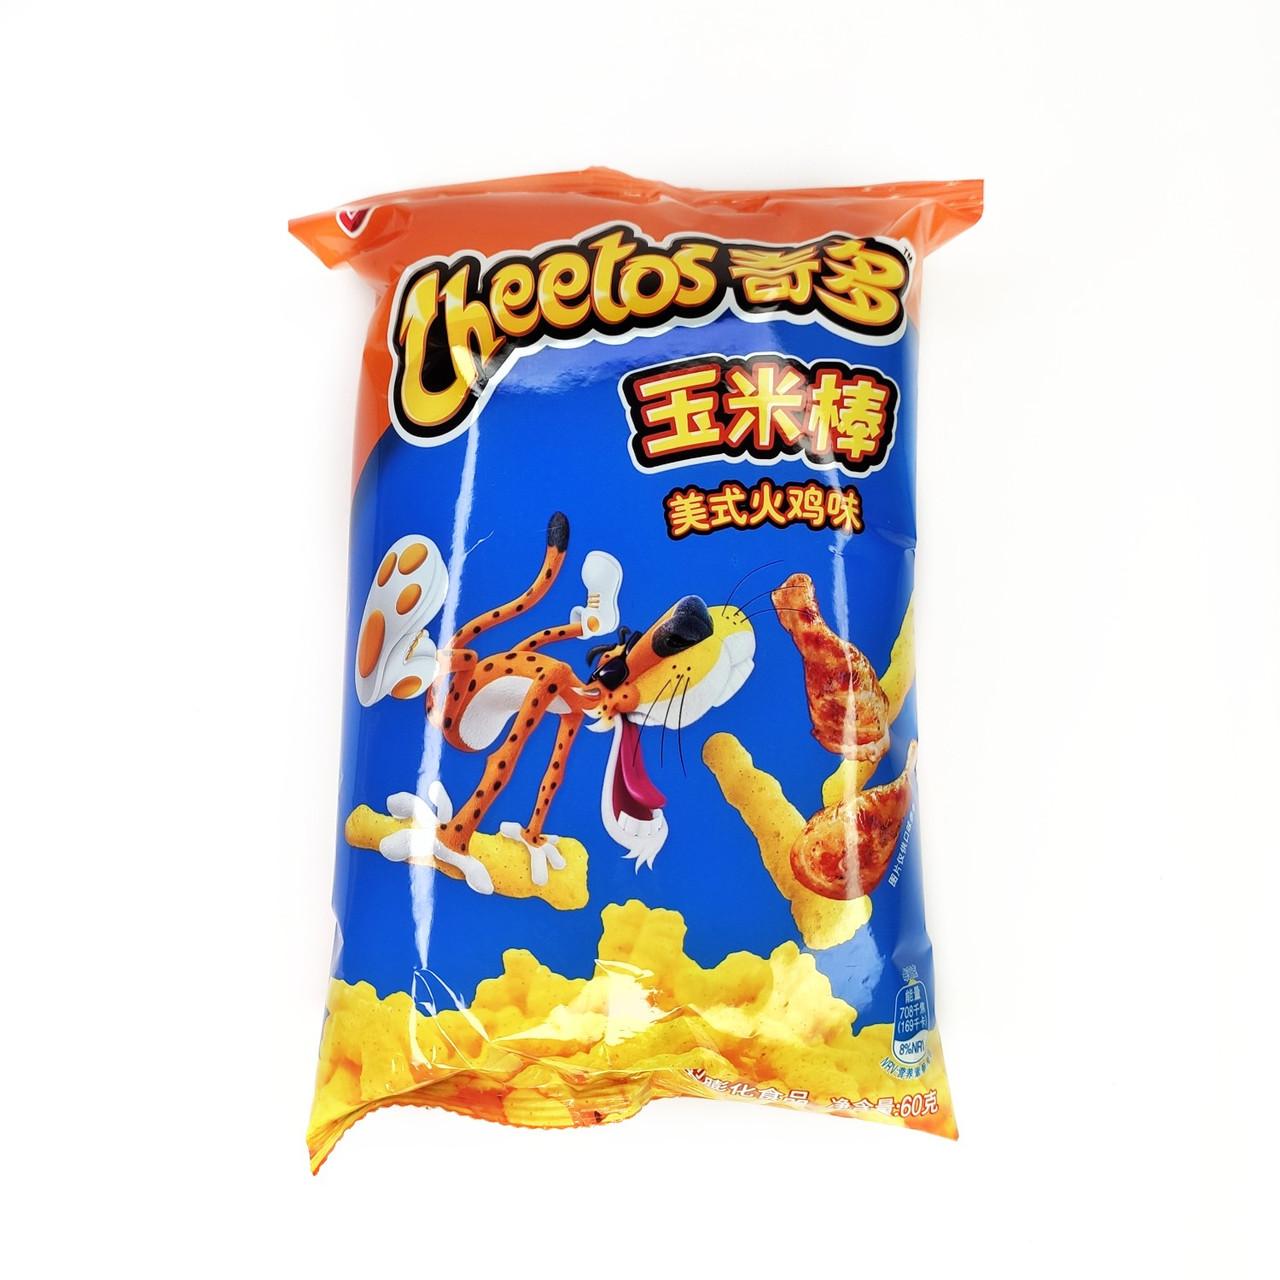 Снеки Читос с индейкой - Cheetos